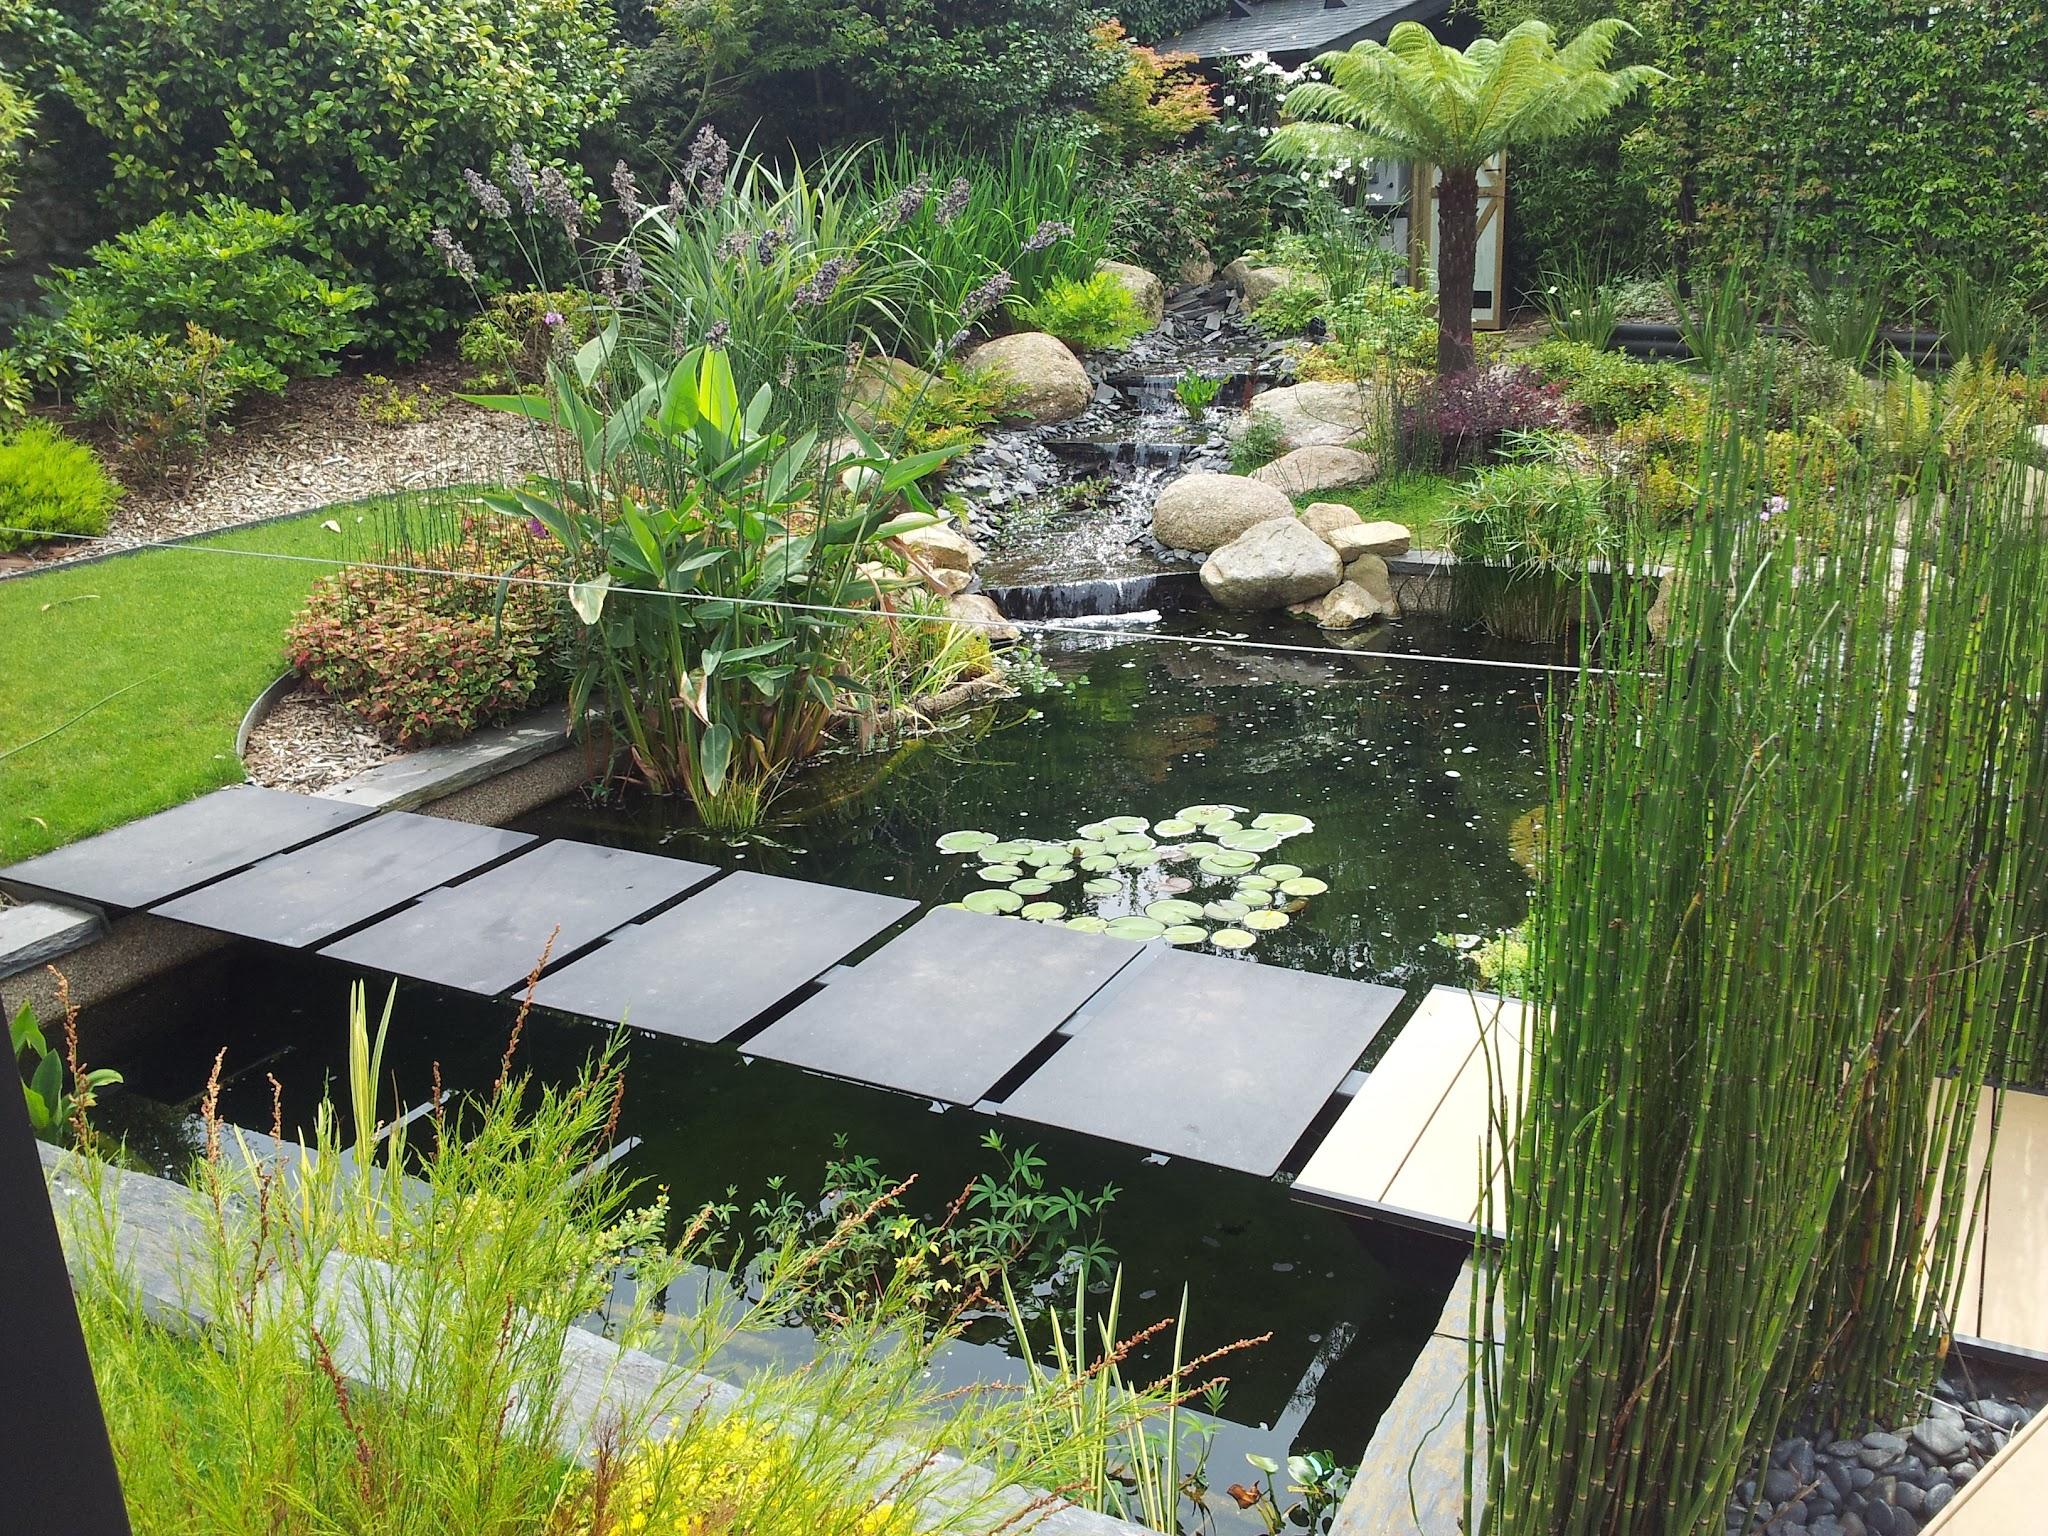 Comment Créer Son Bassin Aquatique ? - Botanica | Espaces ... concernant Profondeur D Un Bassin De Jardin